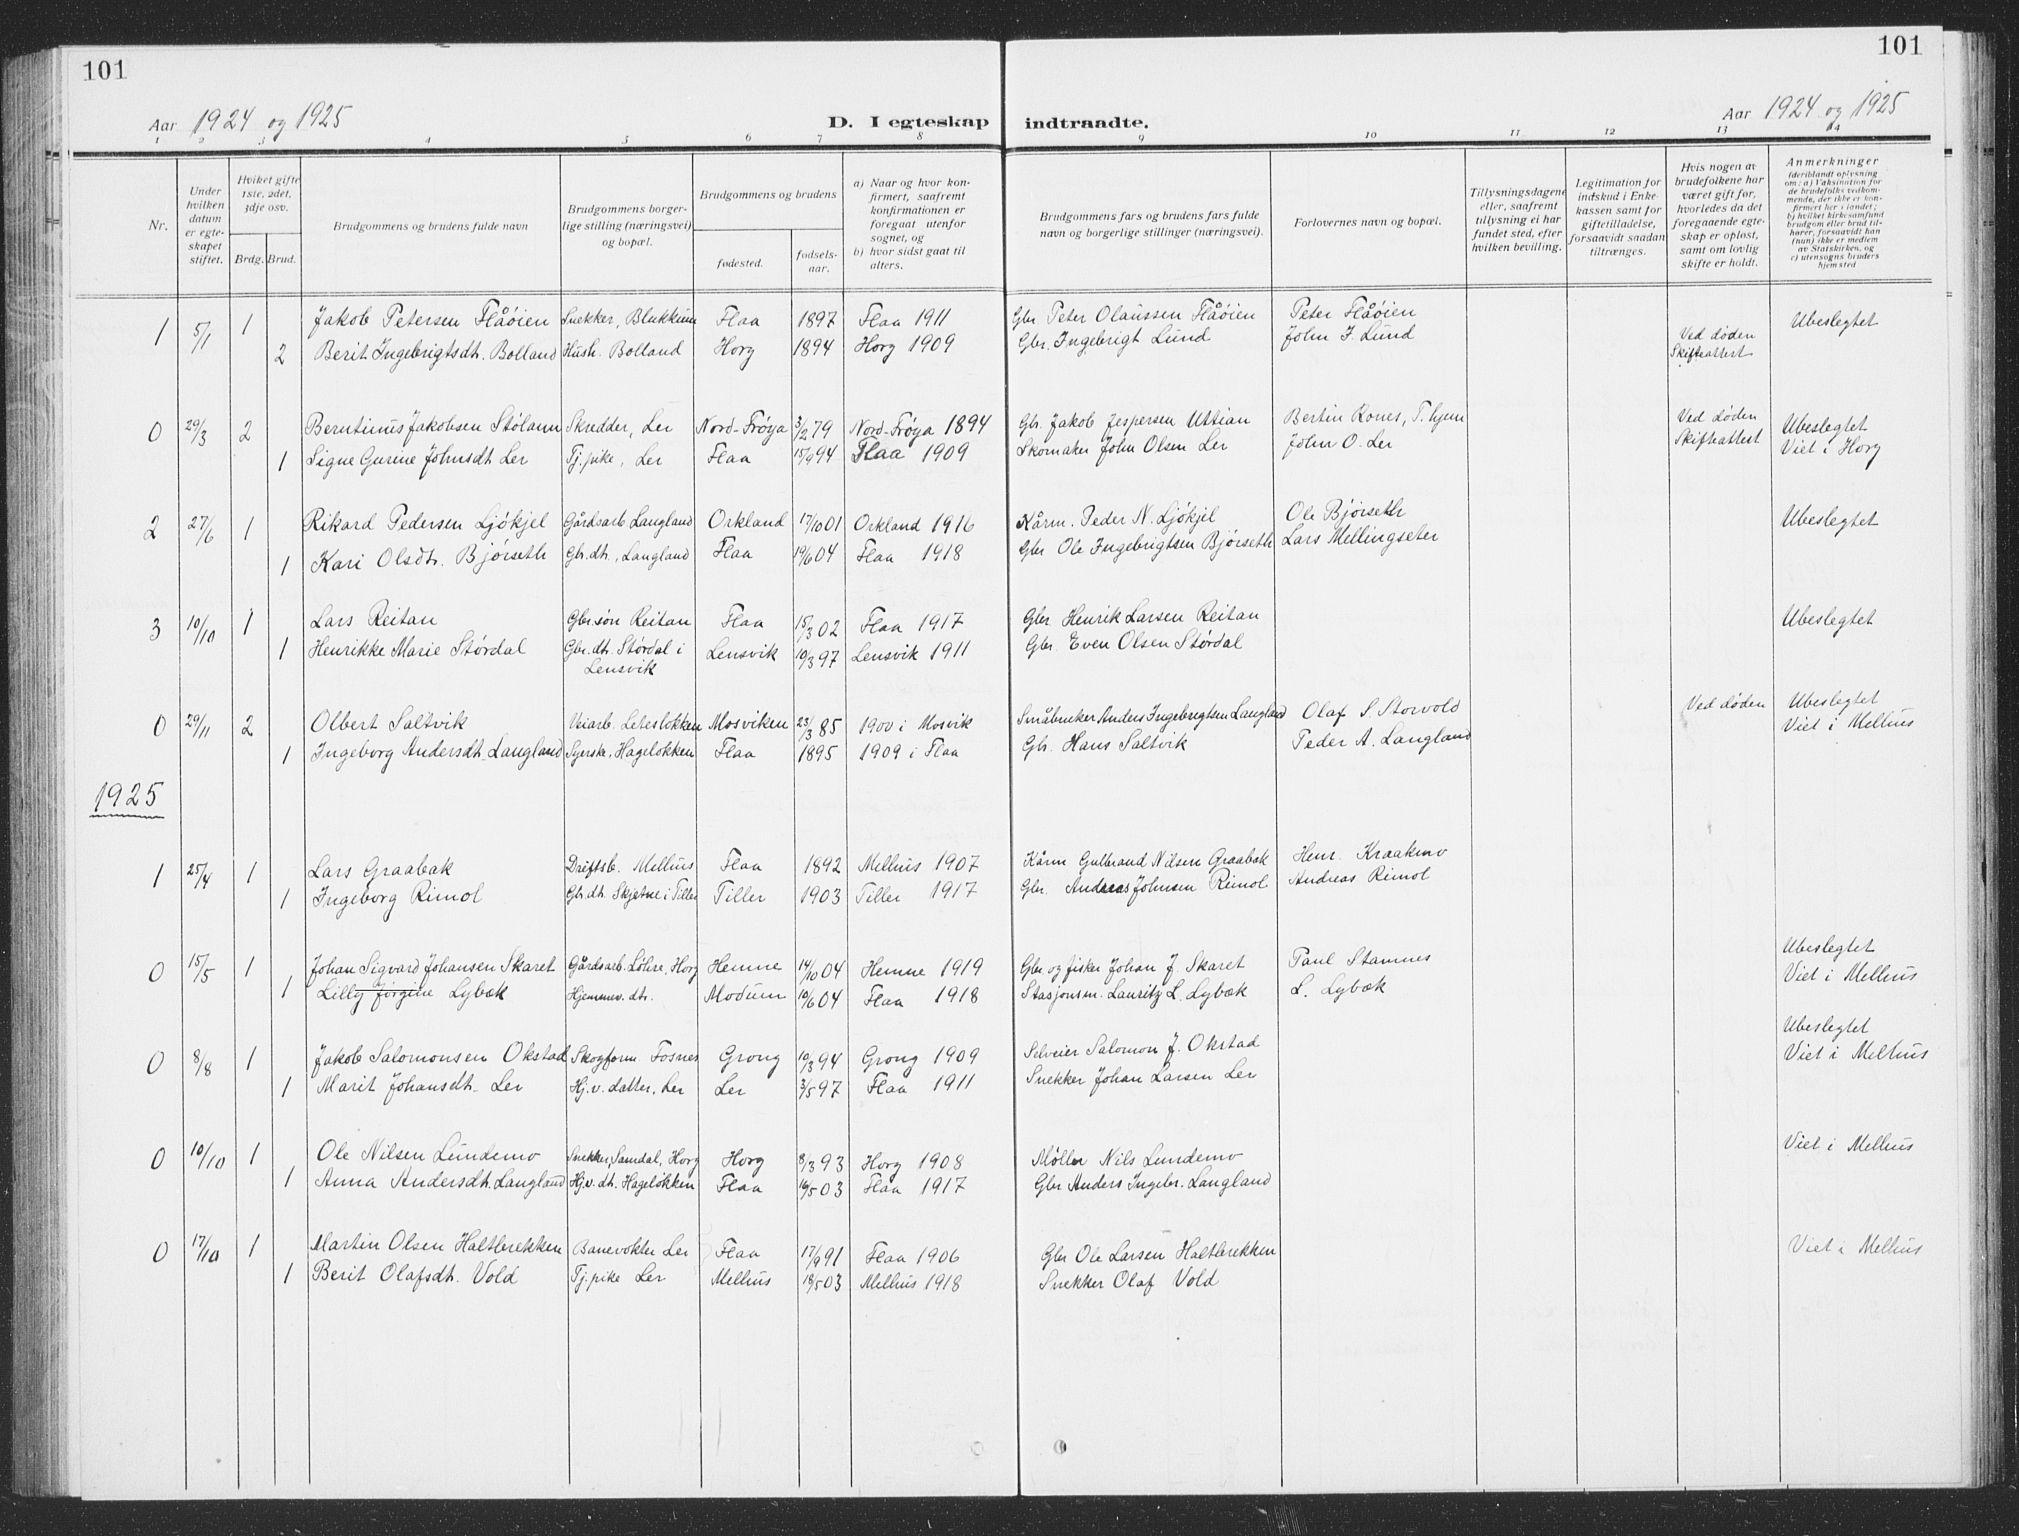 SAT, Ministerialprotokoller, klokkerbøker og fødselsregistre - Sør-Trøndelag, 693/L1124: Klokkerbok nr. 693C05, 1911-1941, s. 101